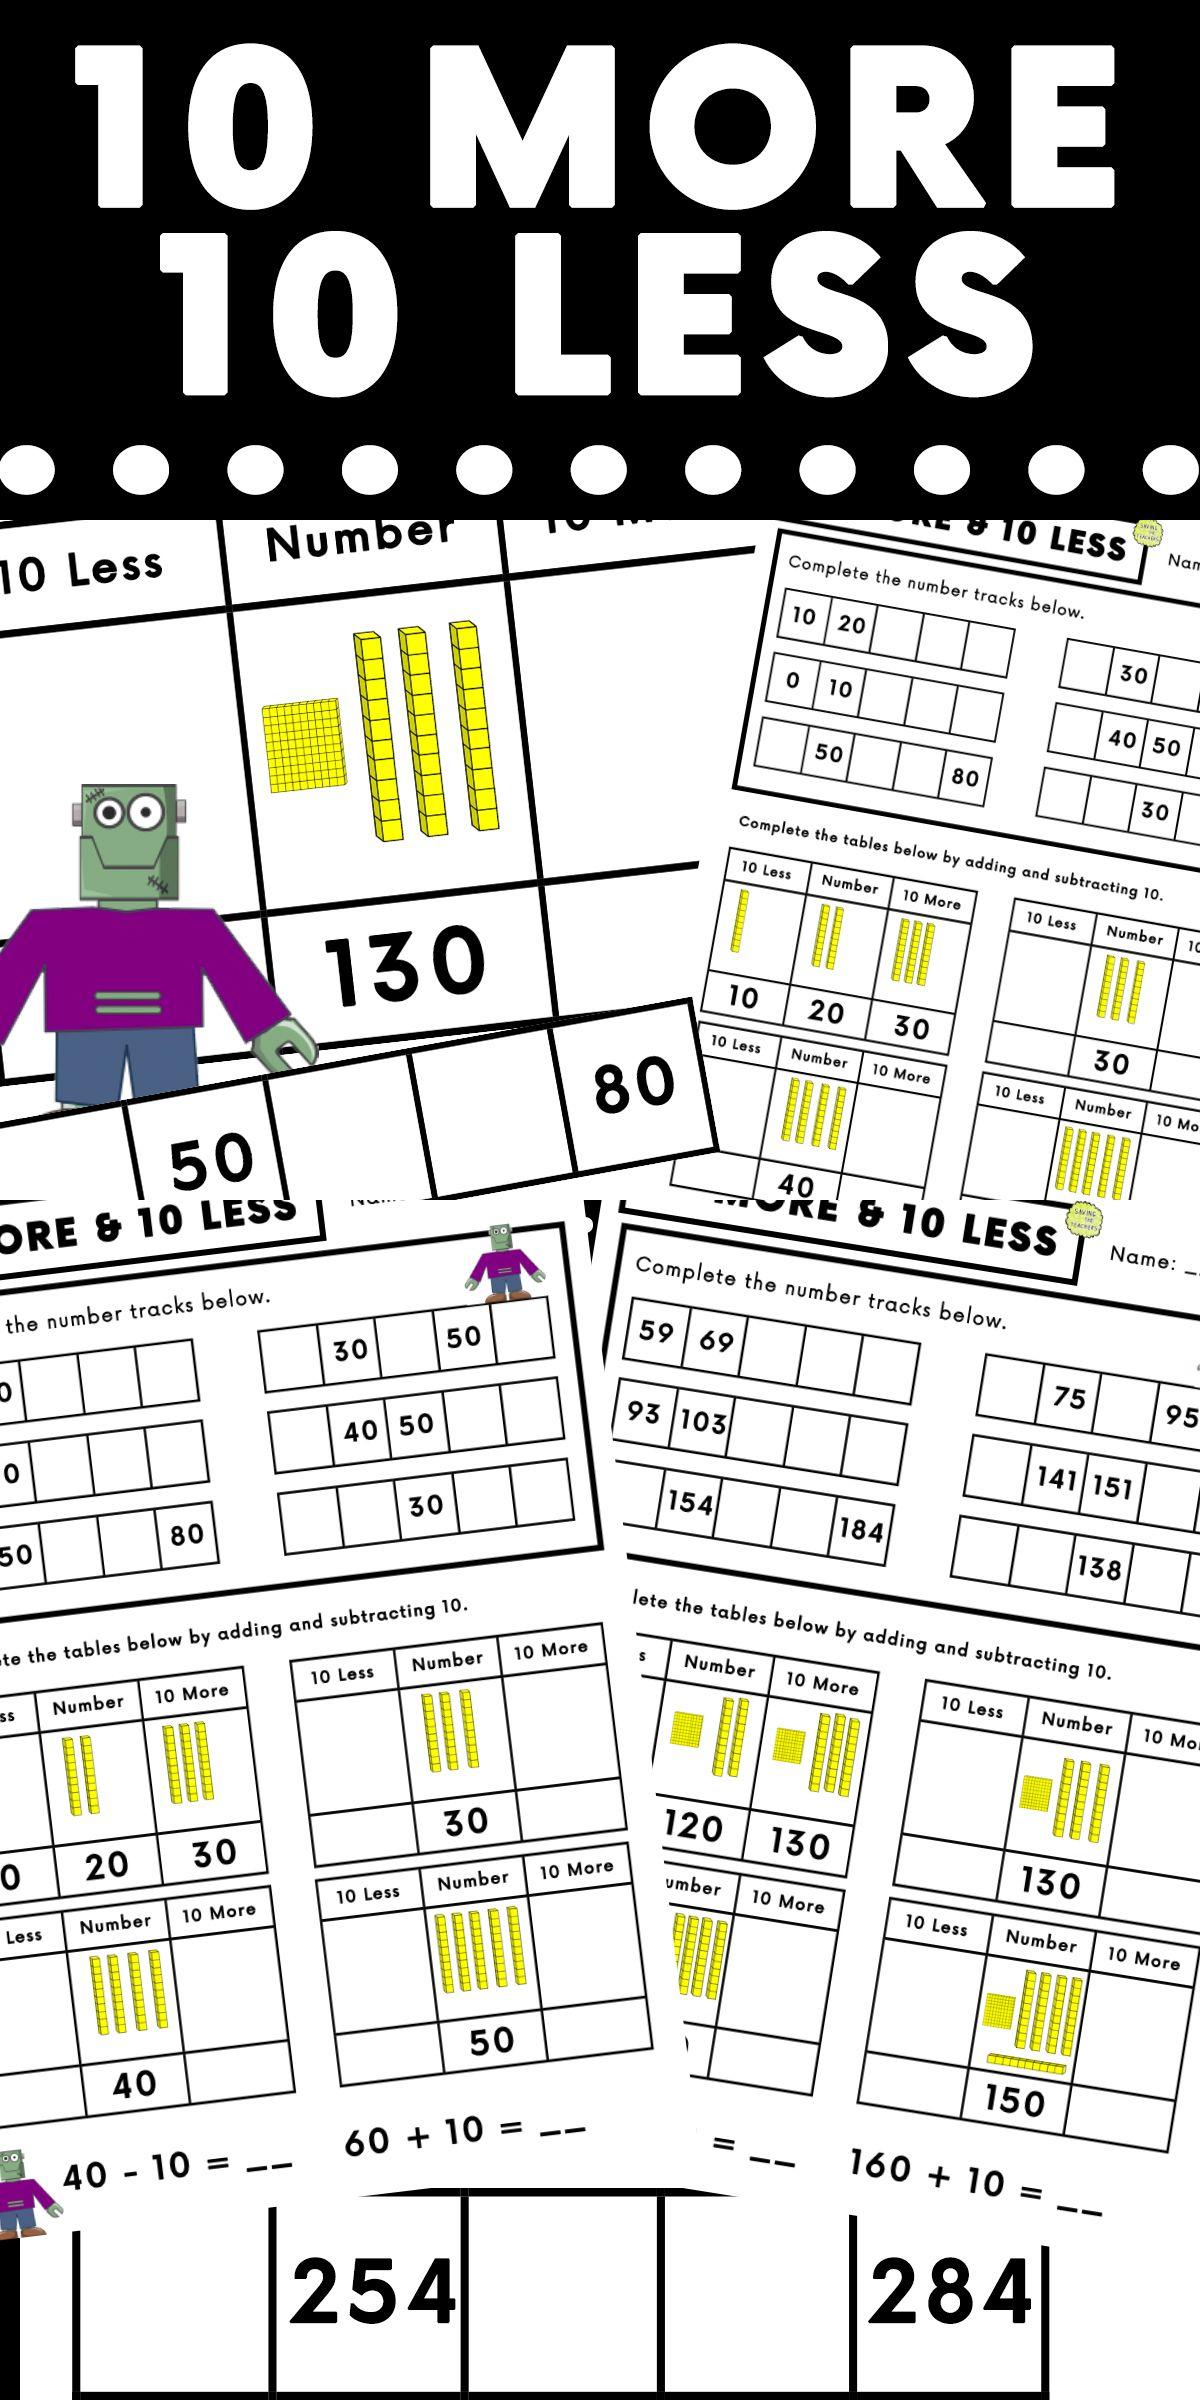 10 More 10 Less Visual Worksheet